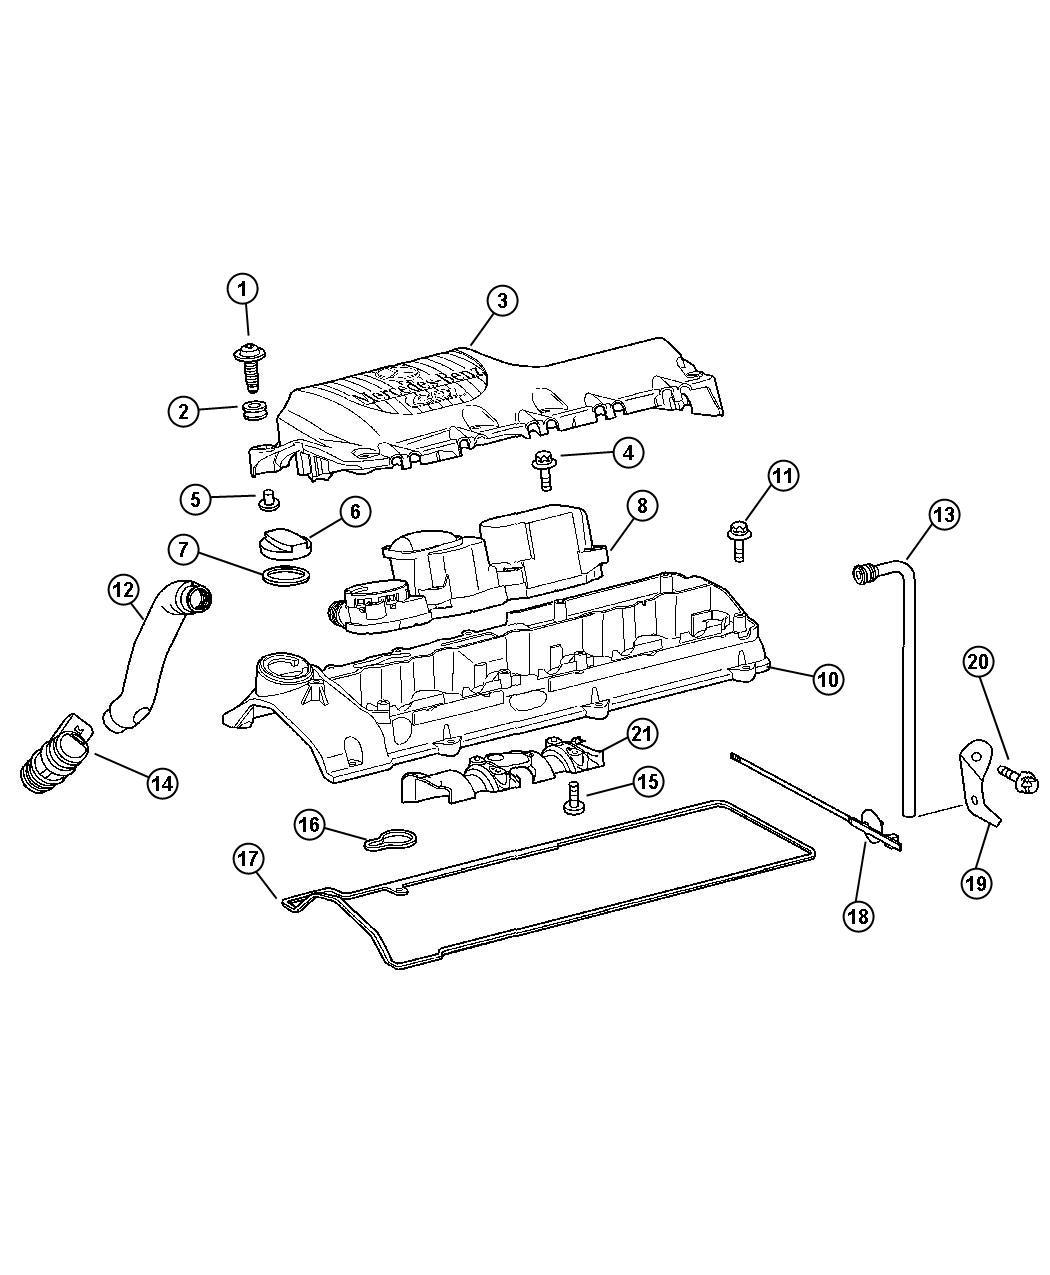 top suggestions 2010 volkswagen routan fuel filter :